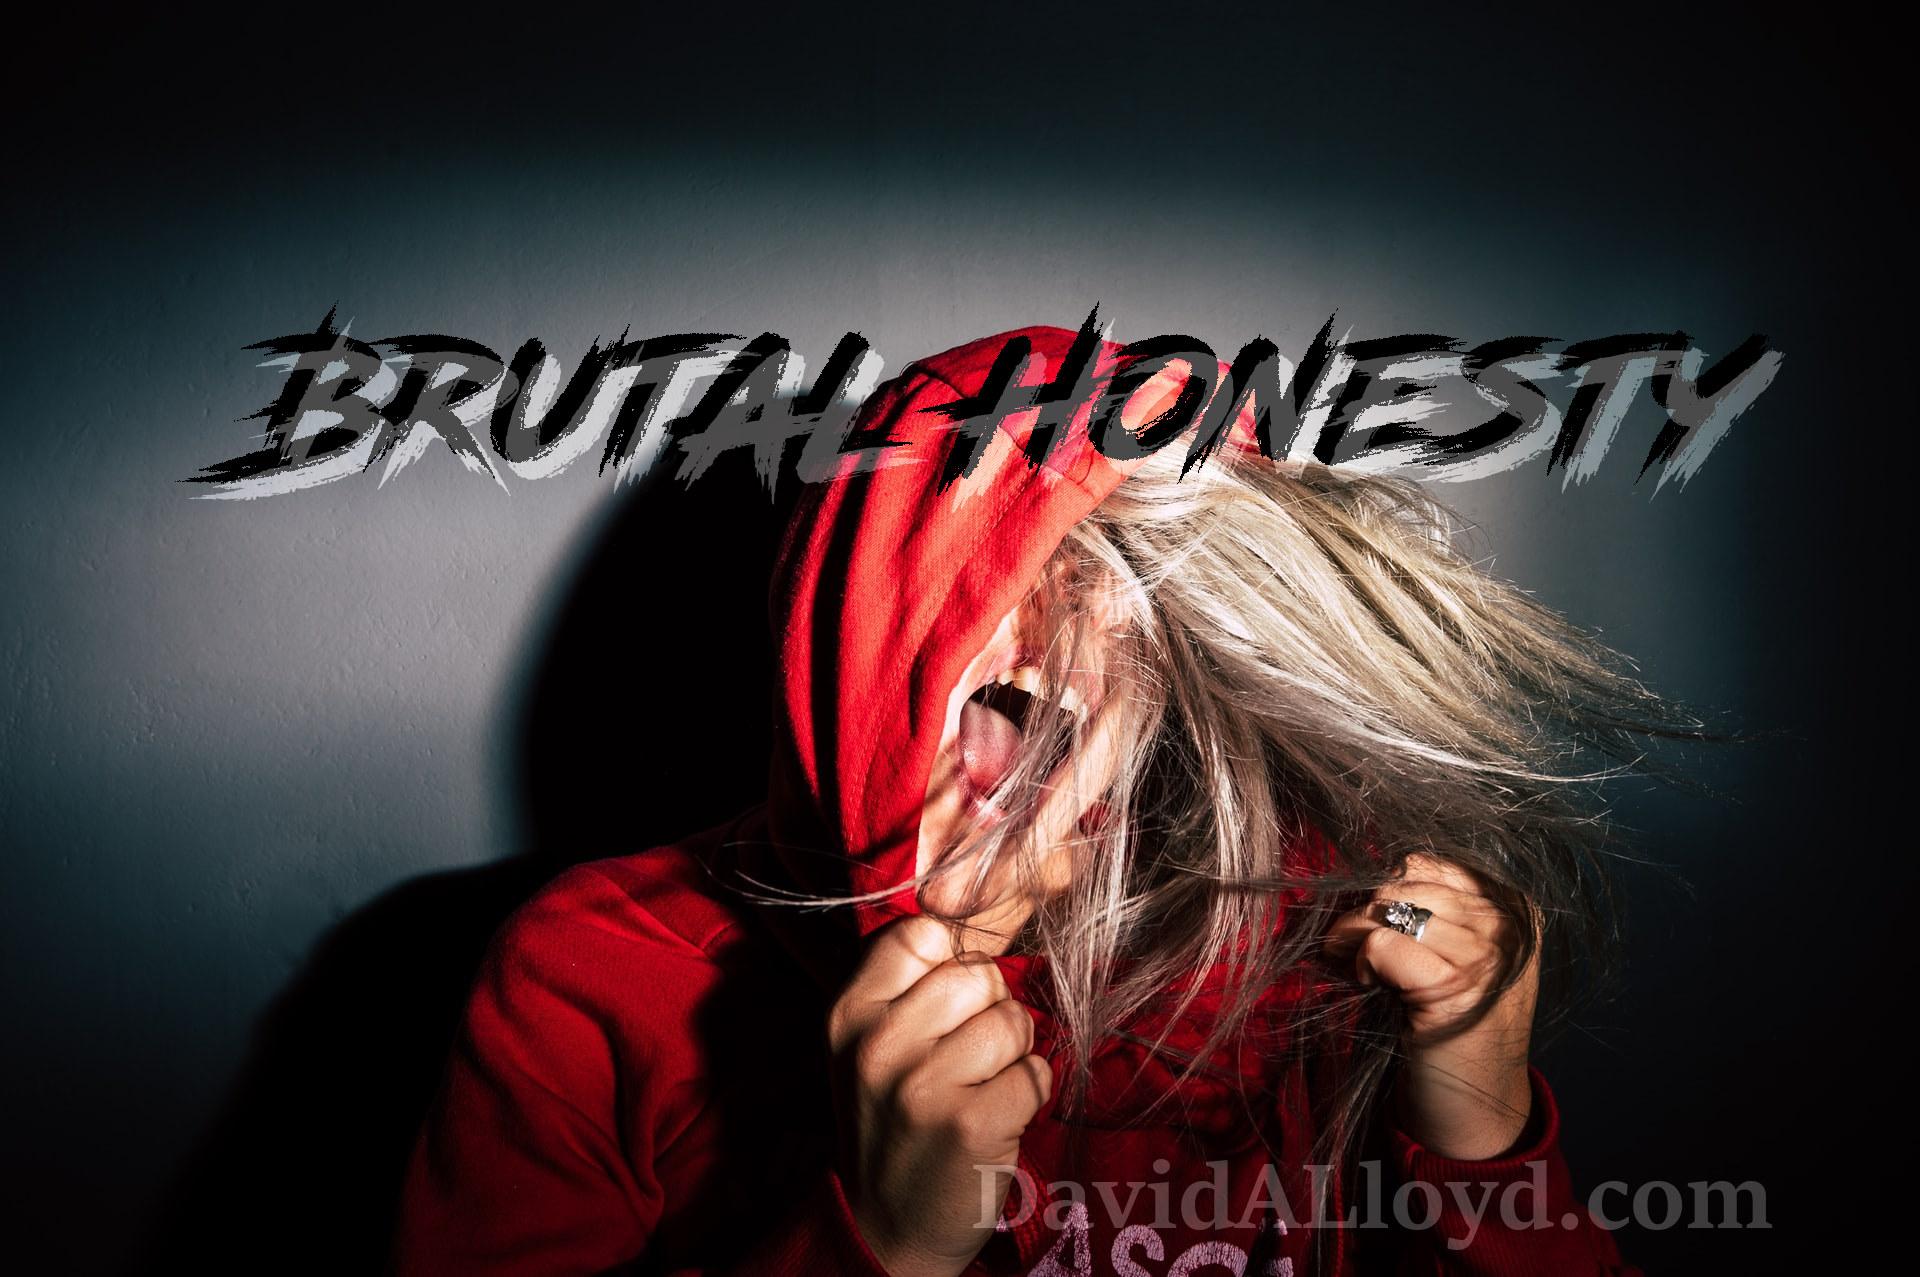 Brutal Honesty